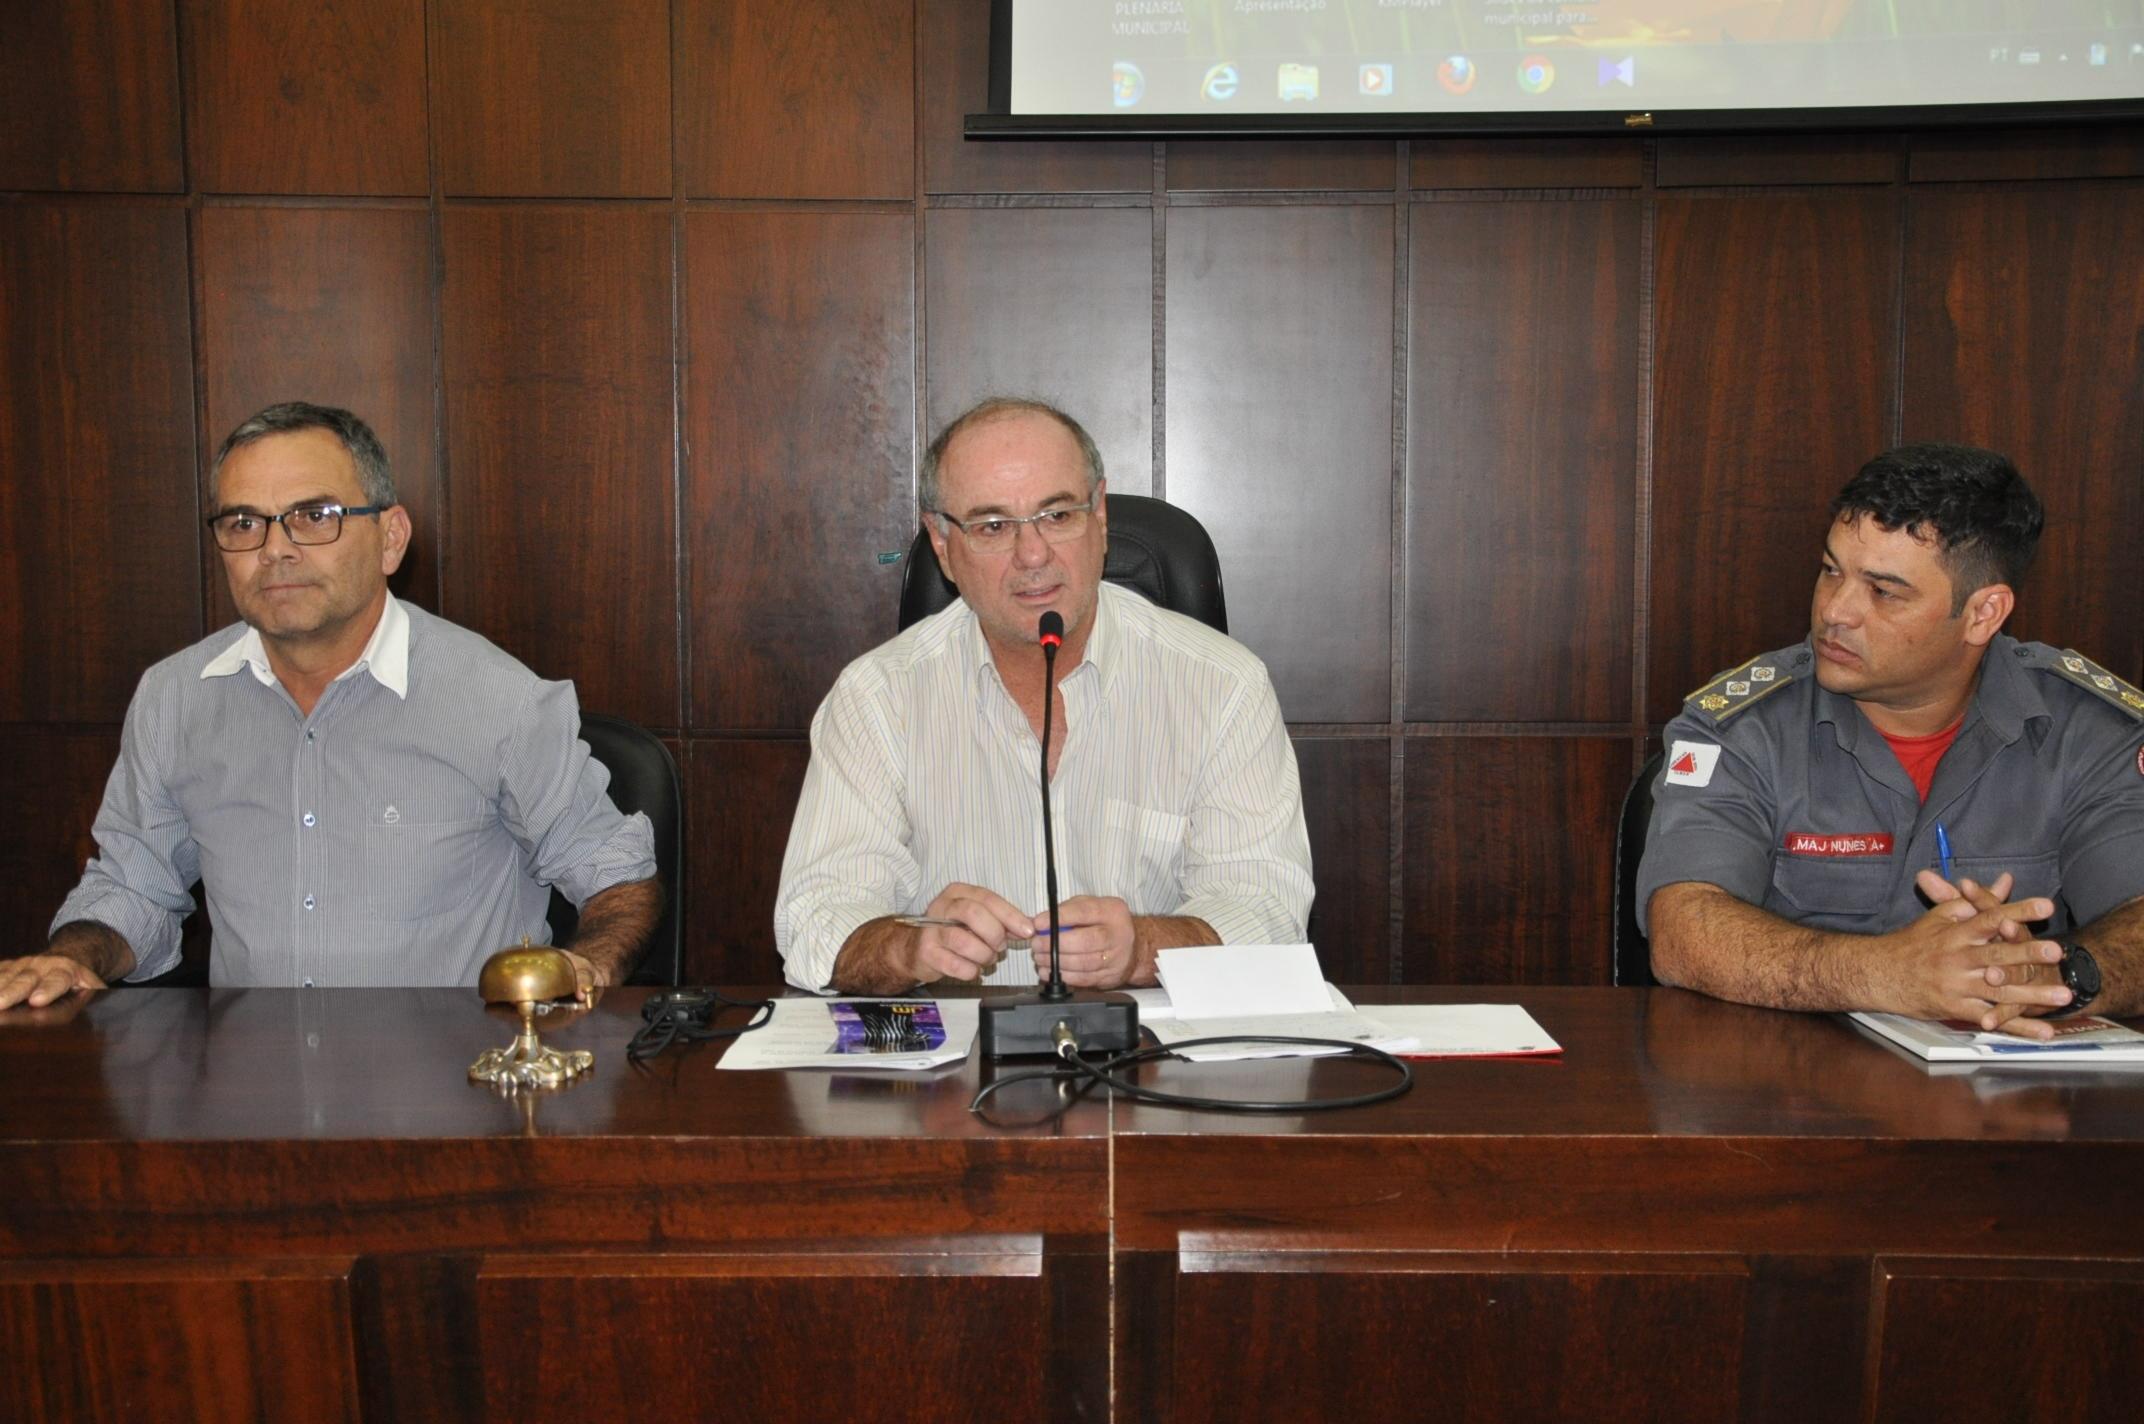 Câmara e Prefeitura avaliam parceria para instalação do 7º Pelotão do Corpo de Bombeiros Militar em João Monlevade